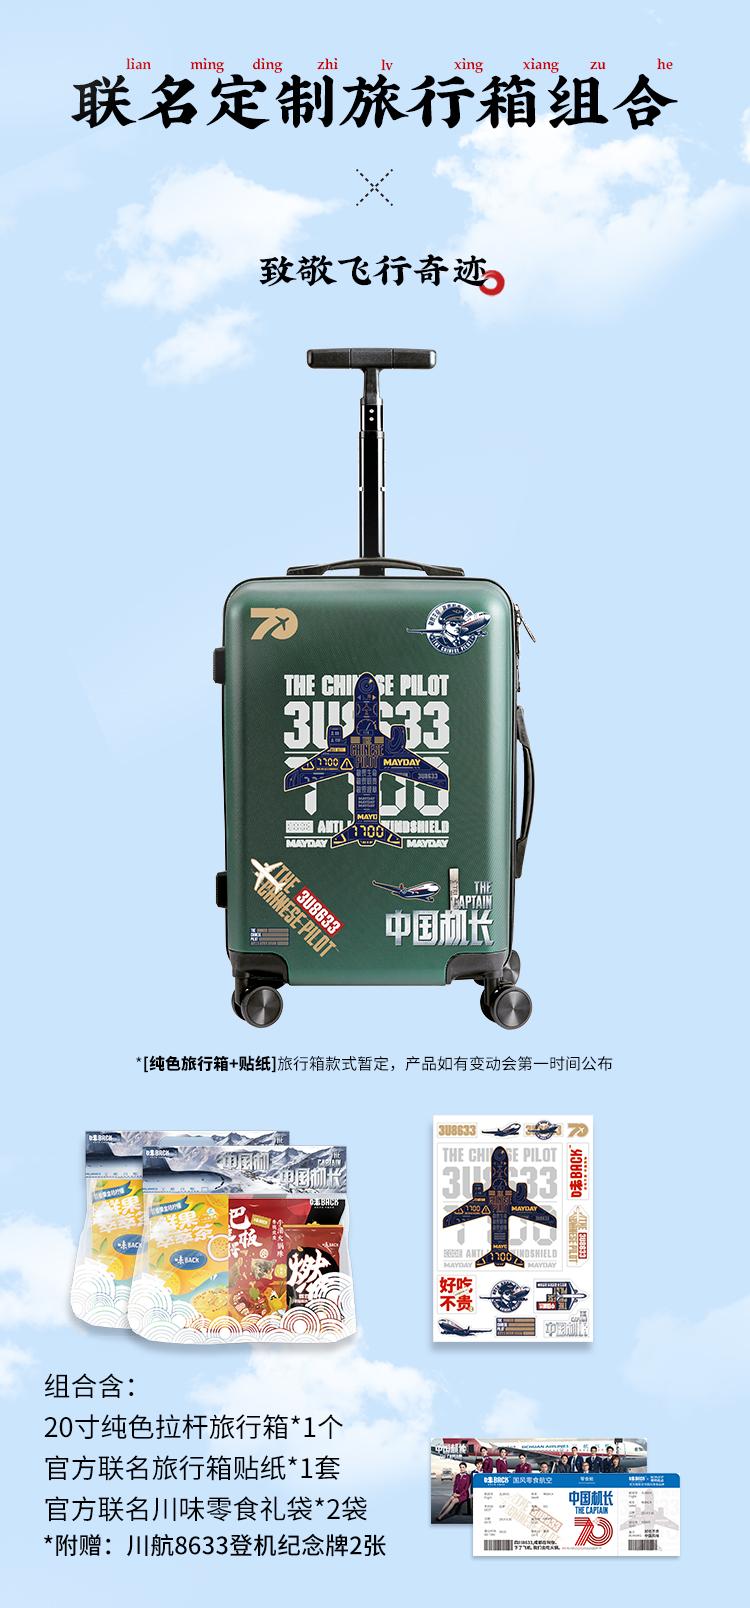 中国机长摩点商祥_05.jpg